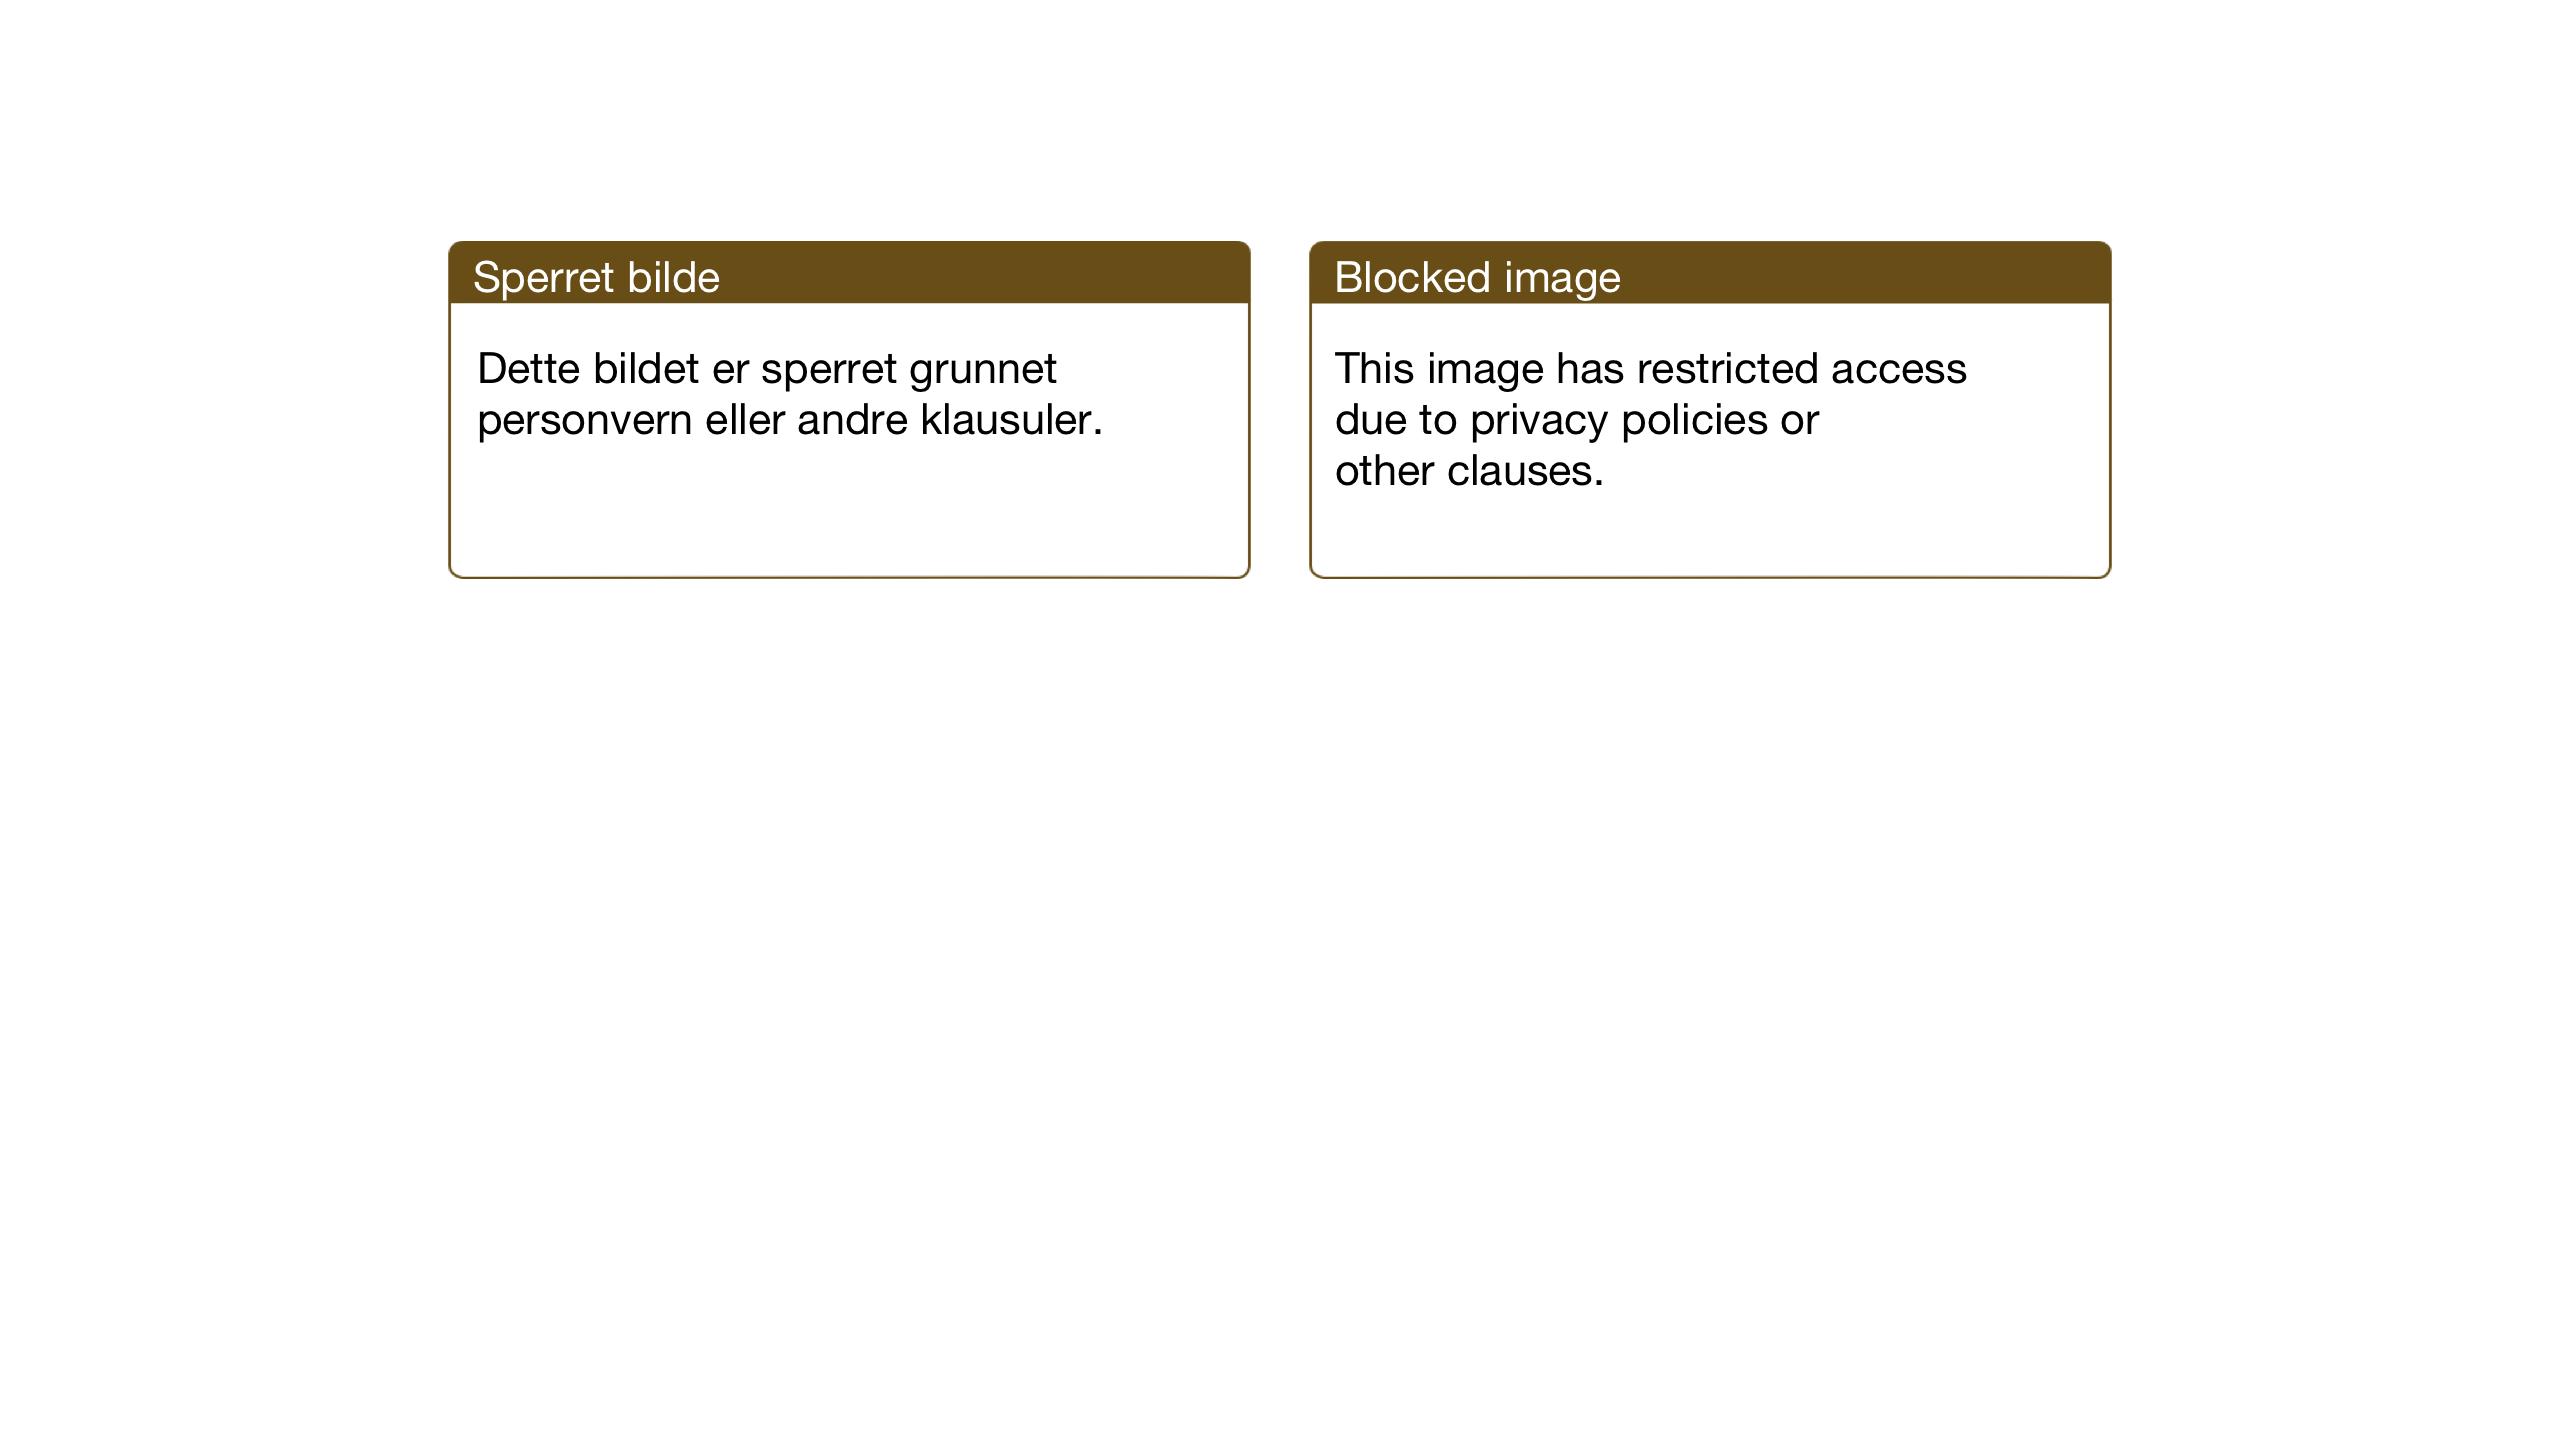 SAT, Ministerialprotokoller, klokkerbøker og fødselsregistre - Nord-Trøndelag, 713/L0125: Klokkerbok nr. 713C02, 1931-1941, s. 8